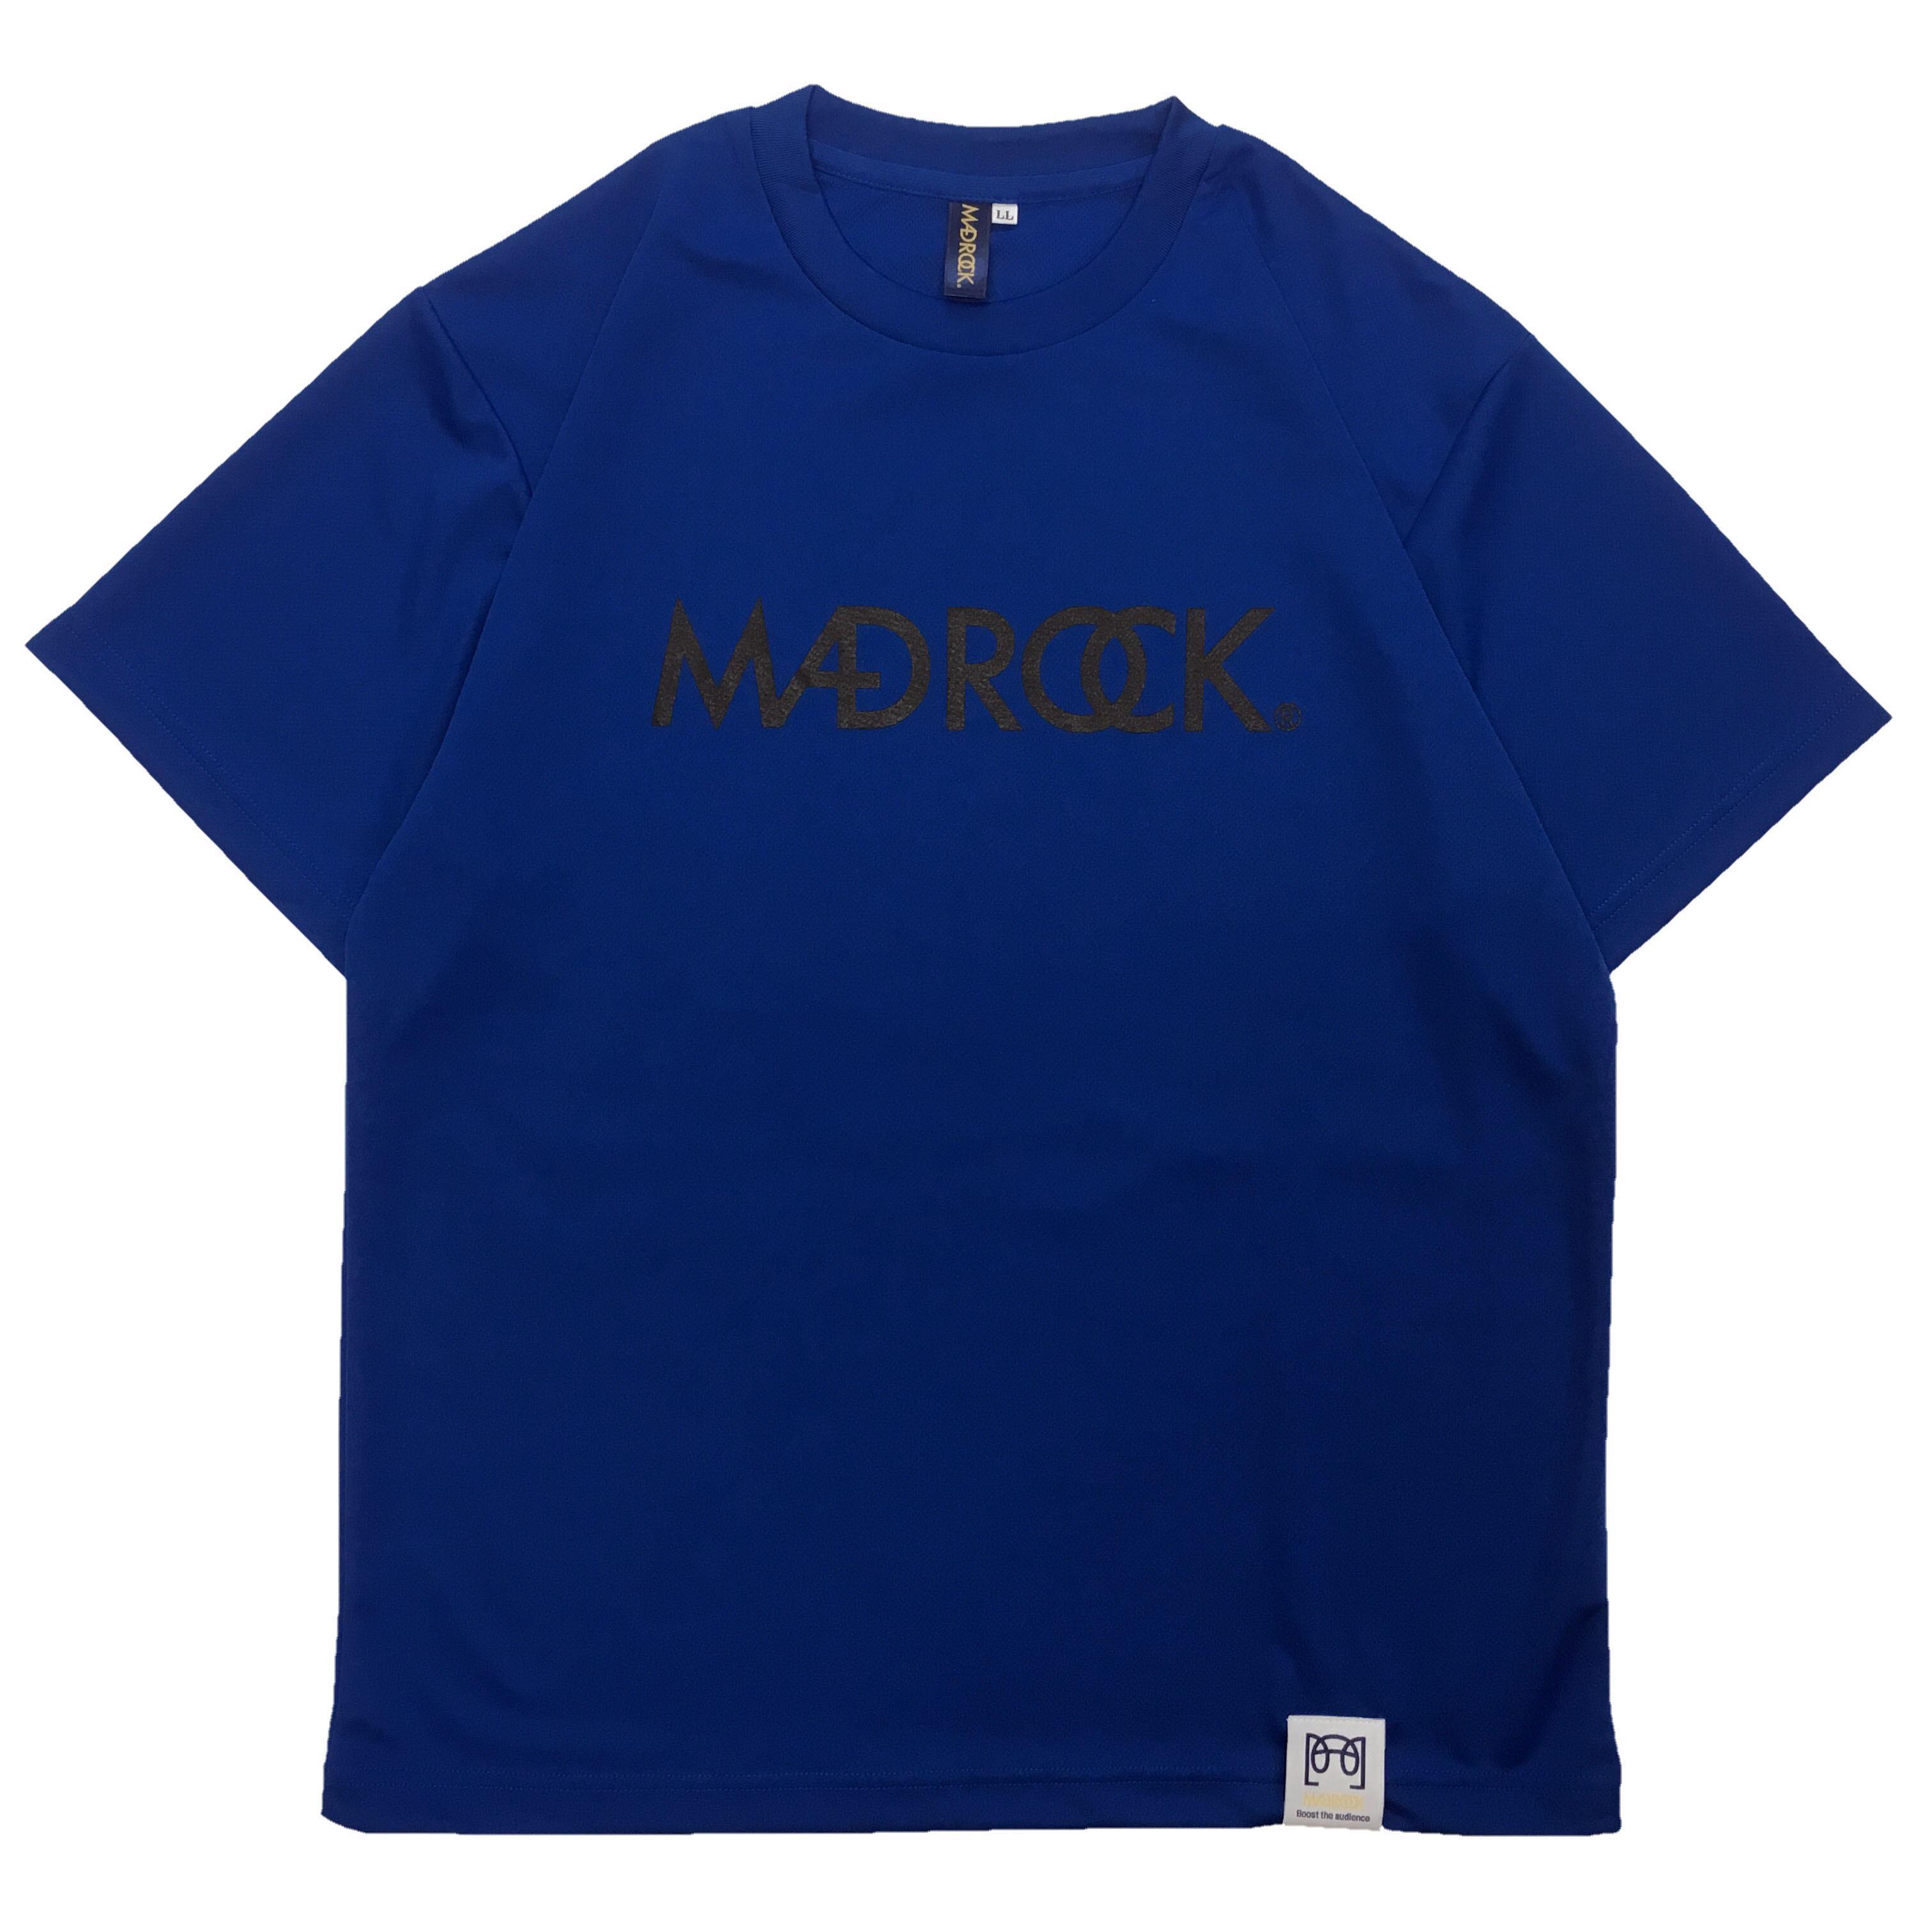 マッドロックロゴ Tシャツ/ドライタイプ/ブルー&ブラック